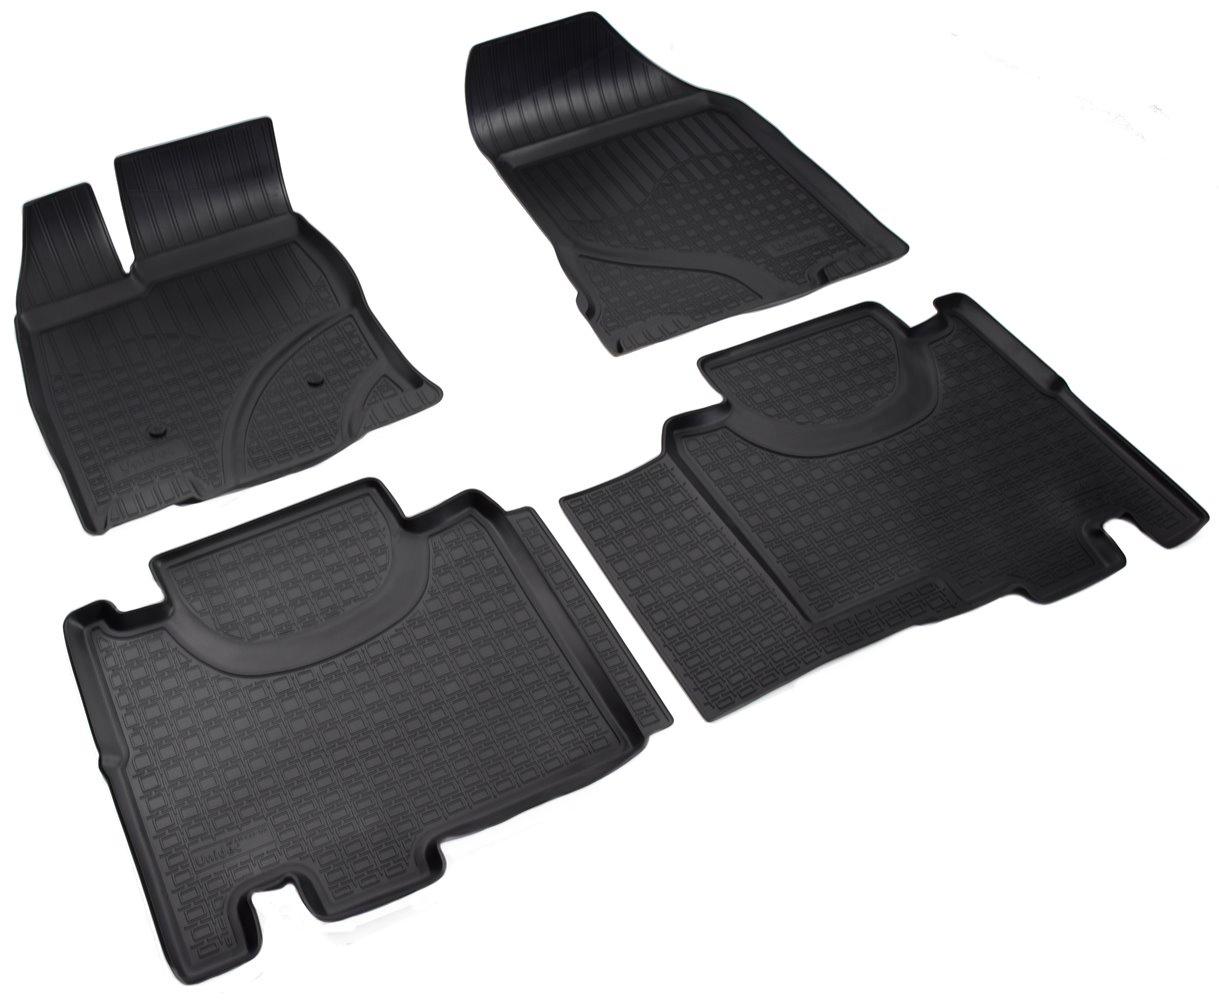 Коврики в салон Norplast для Ford Edge 2014, NPA11-C22-120, черный цена